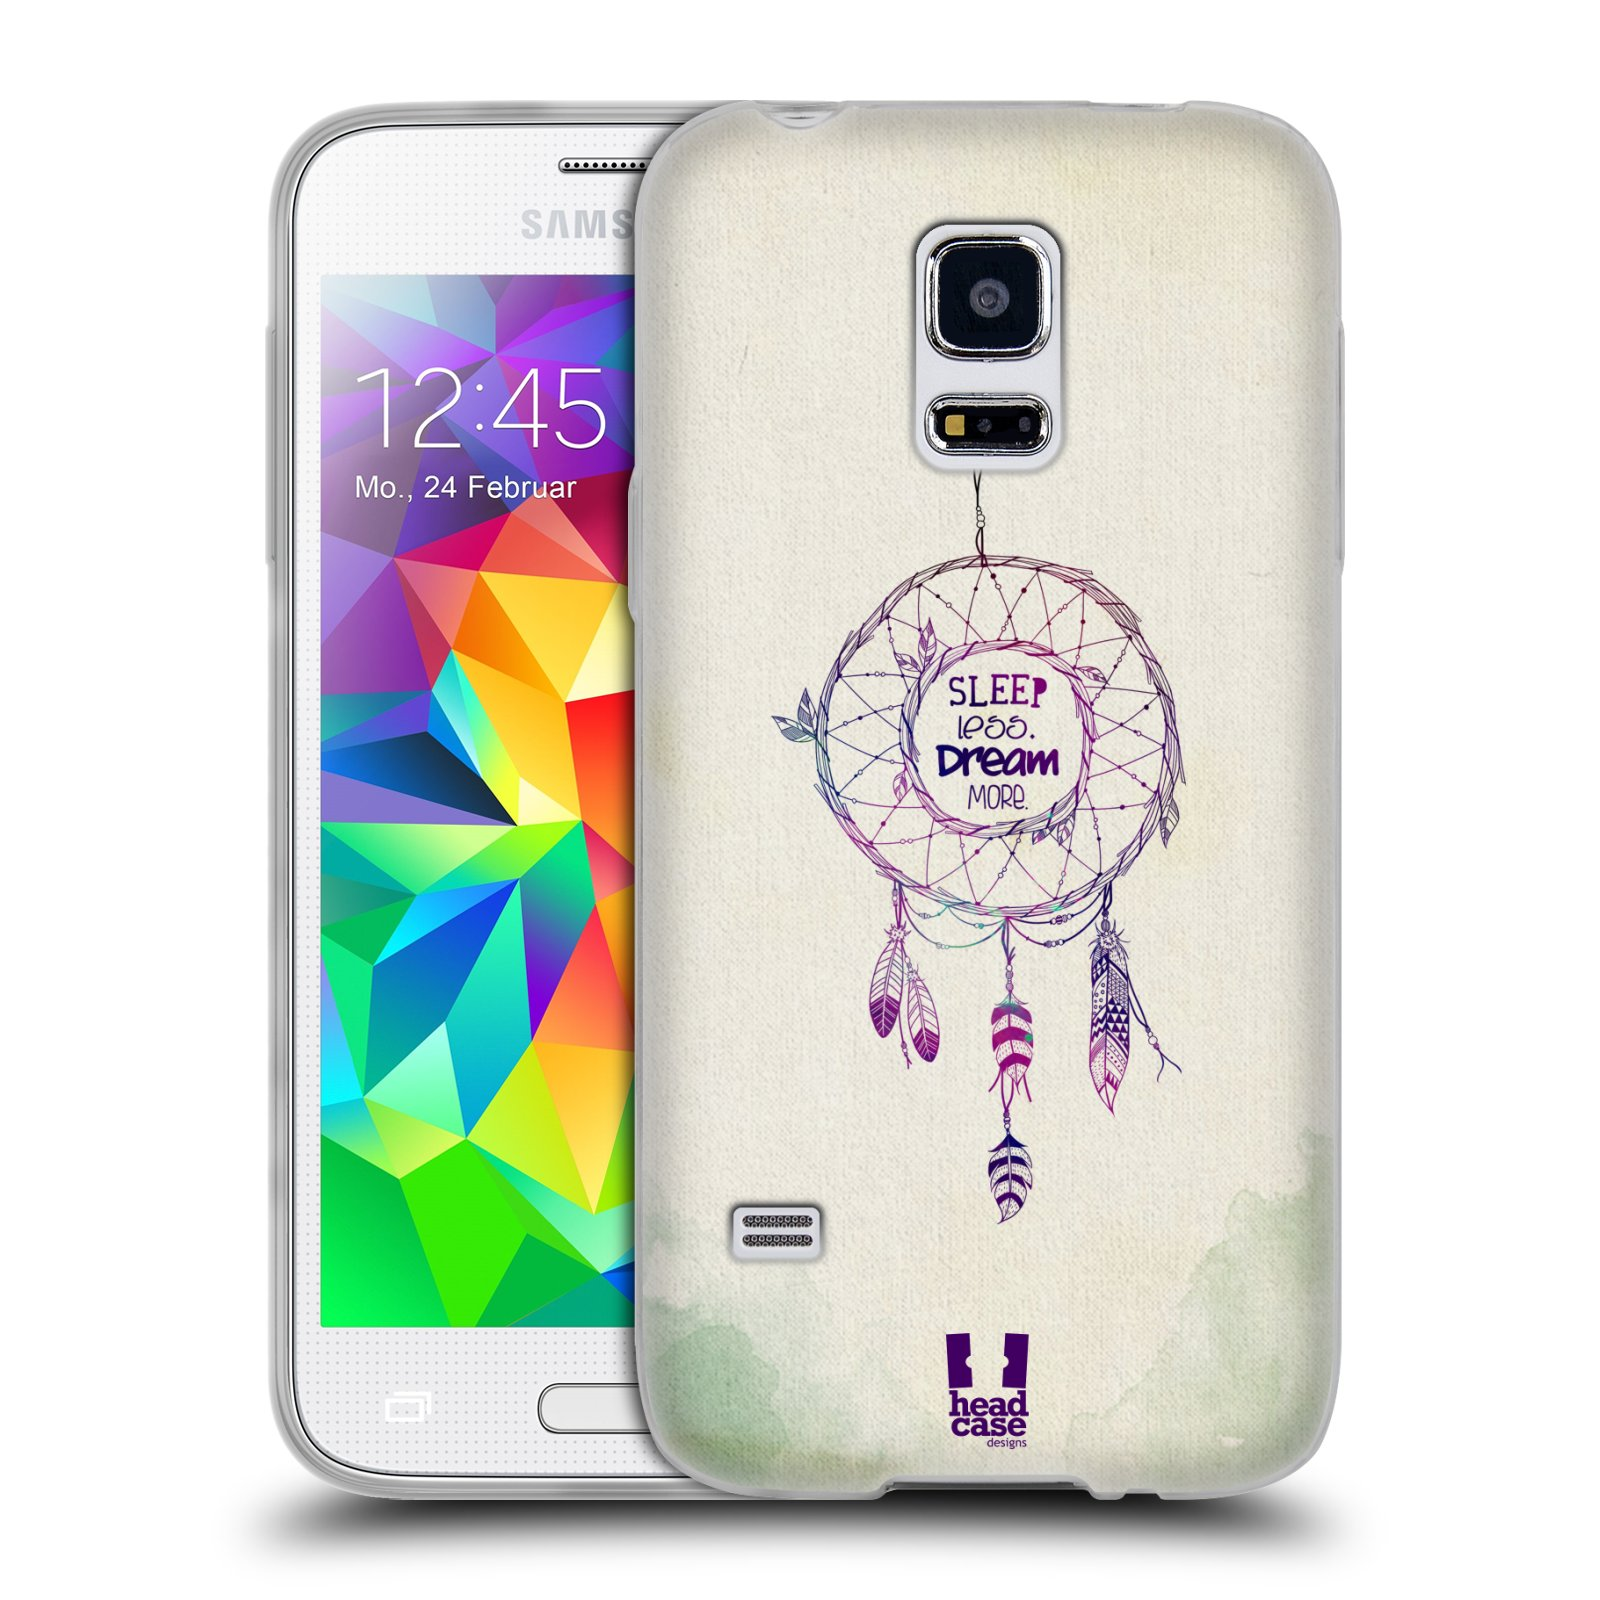 4f603e9c644 HEAD CASE silikonový obal na mobil Samsung Galaxy S5 MINI vzor Lapač snů  ZELENÁ A FIALOVÁ